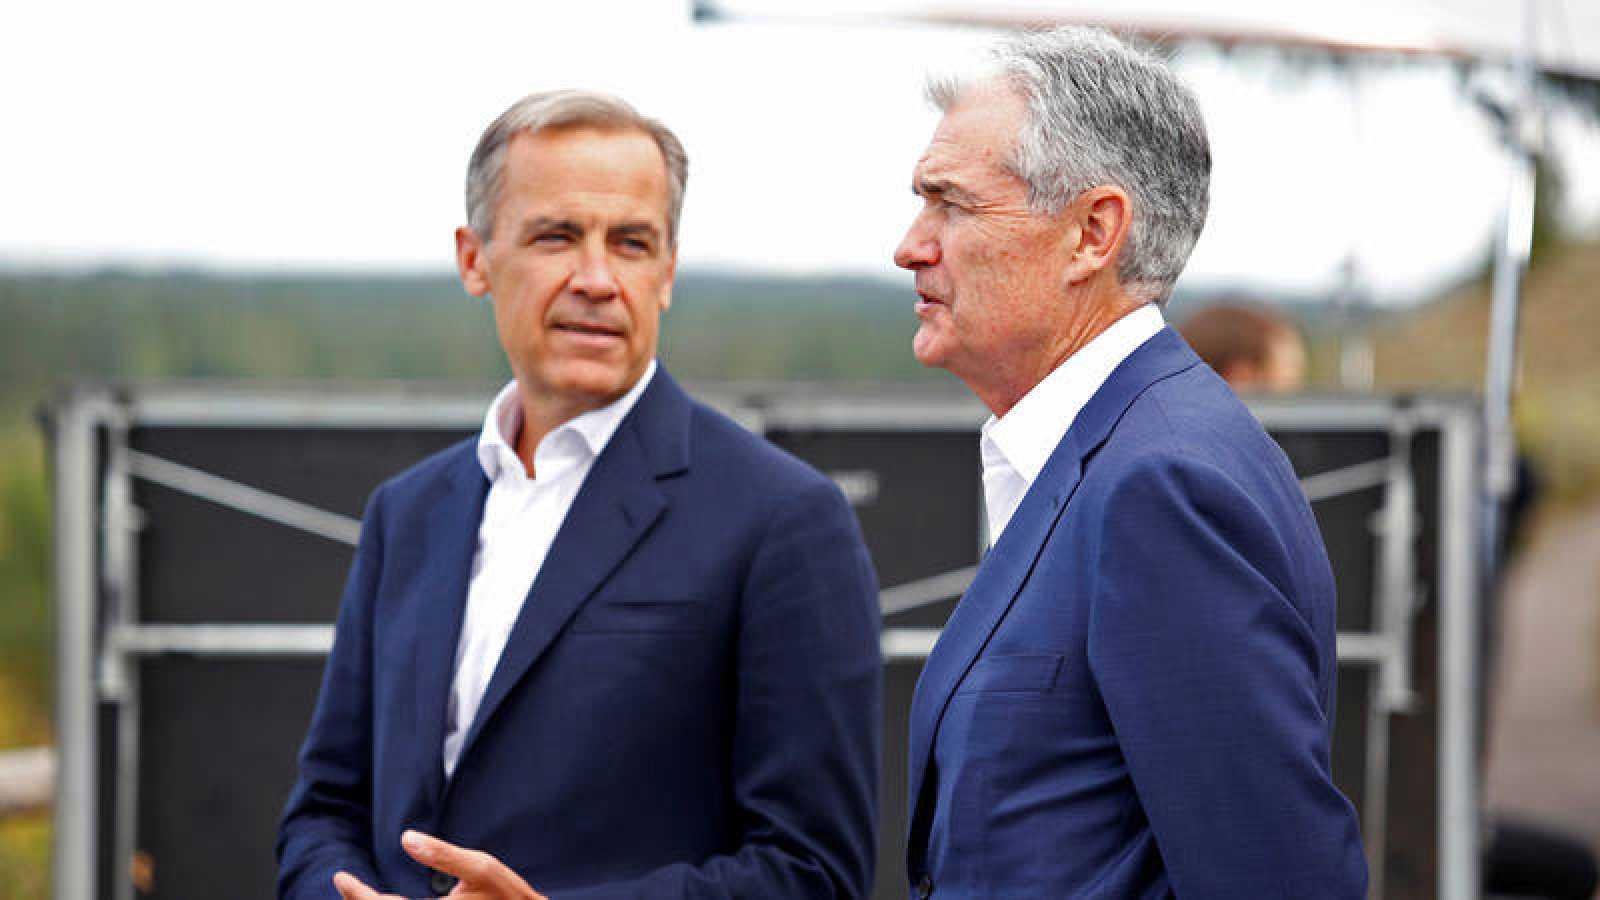 El presidente de la Fed, Jerome Powell, conversa con el gobernador del Banco de Inglaterra, Mark Carney, enJackson Hole, Wyoming